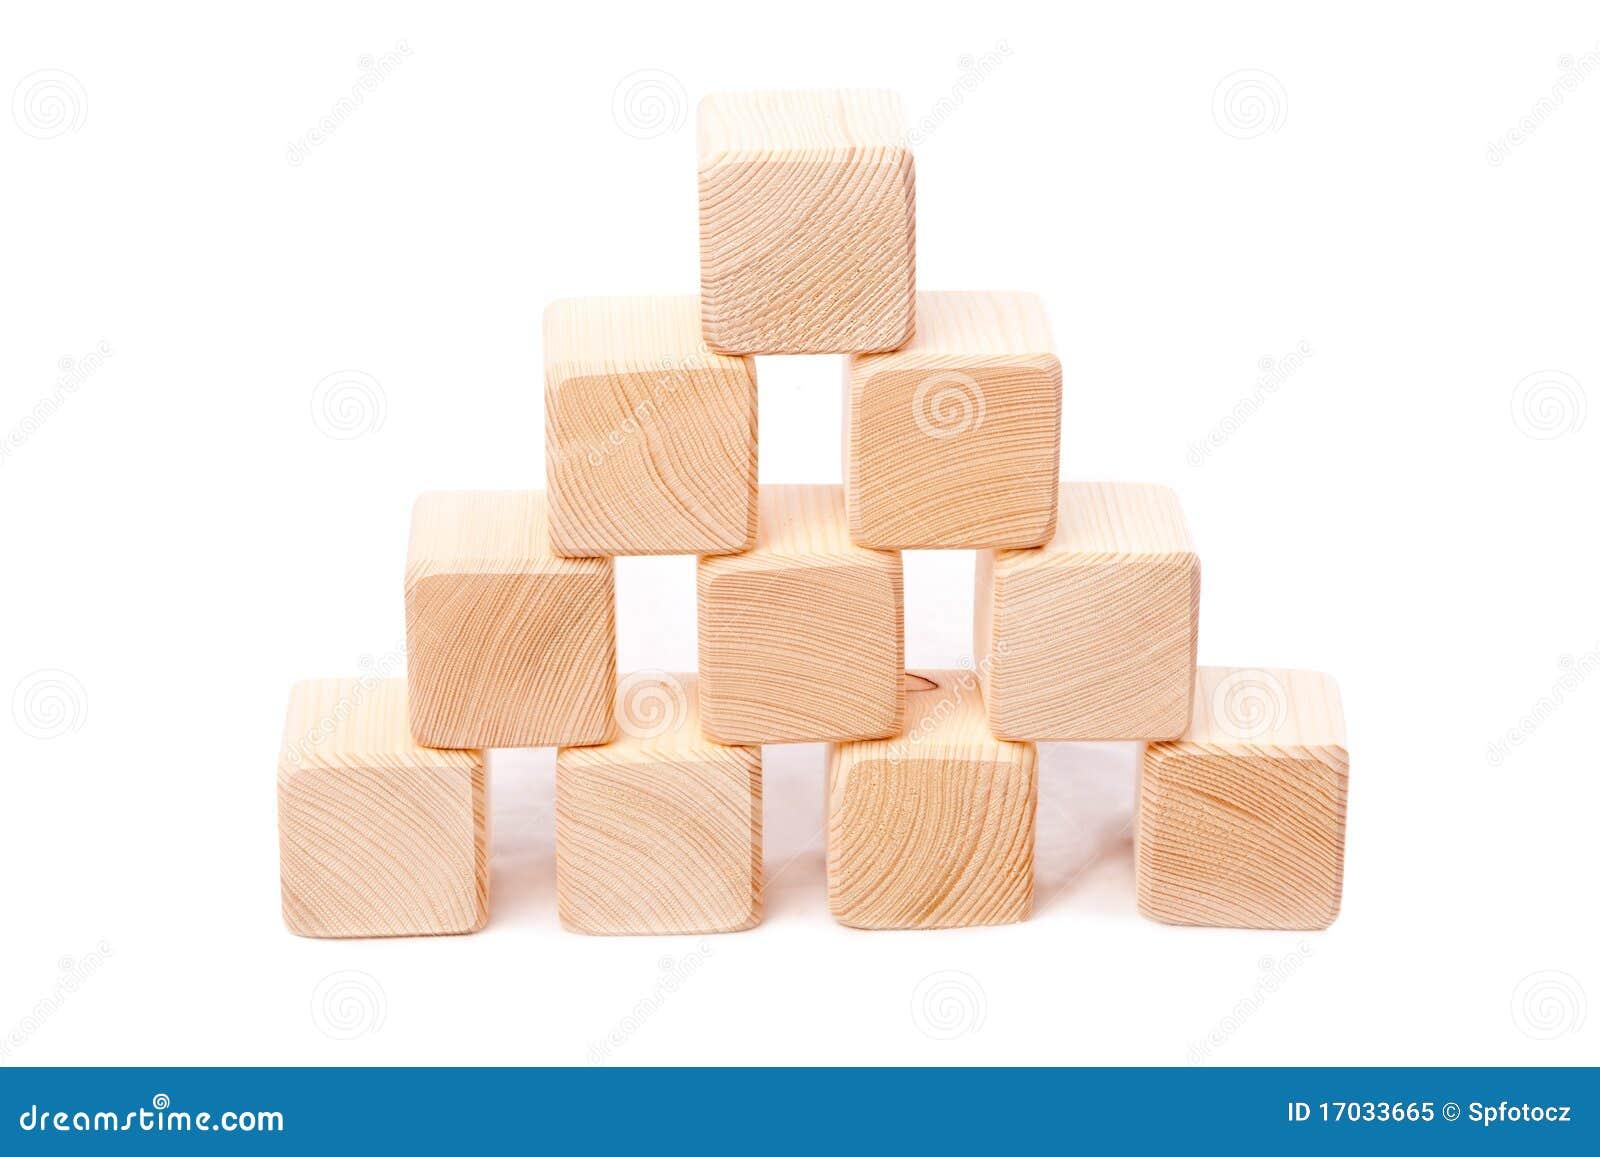 Pir mide de los cubos de madera foto de archivo libre de - Cubos de madera ...